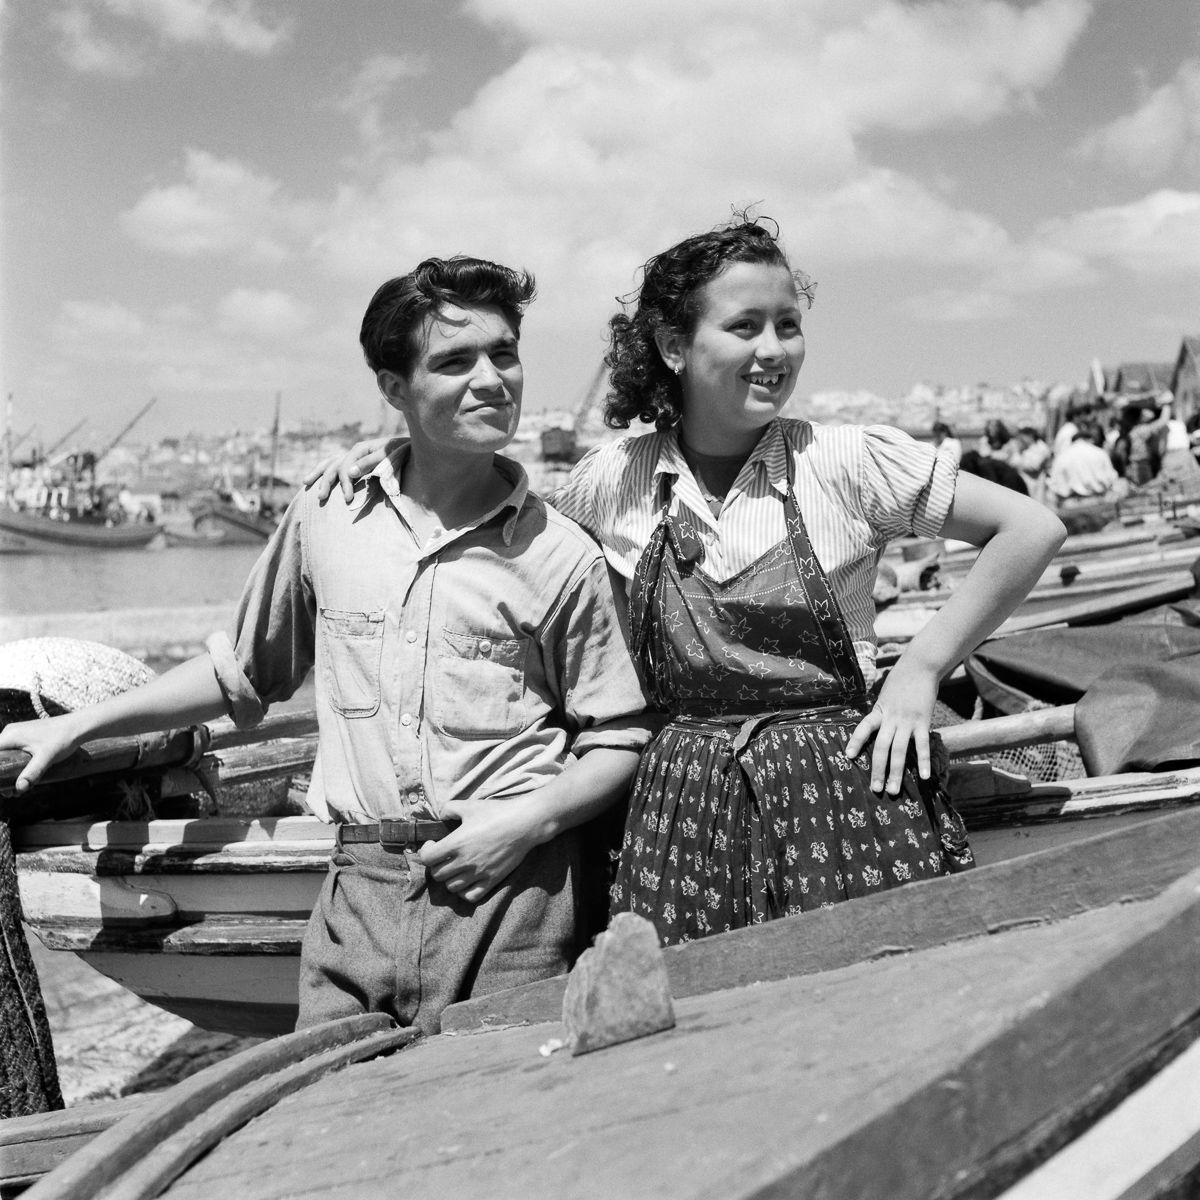 Fotografias deslumbrantes capturam a cultura da pesca dos anos 50 em Portugal 05